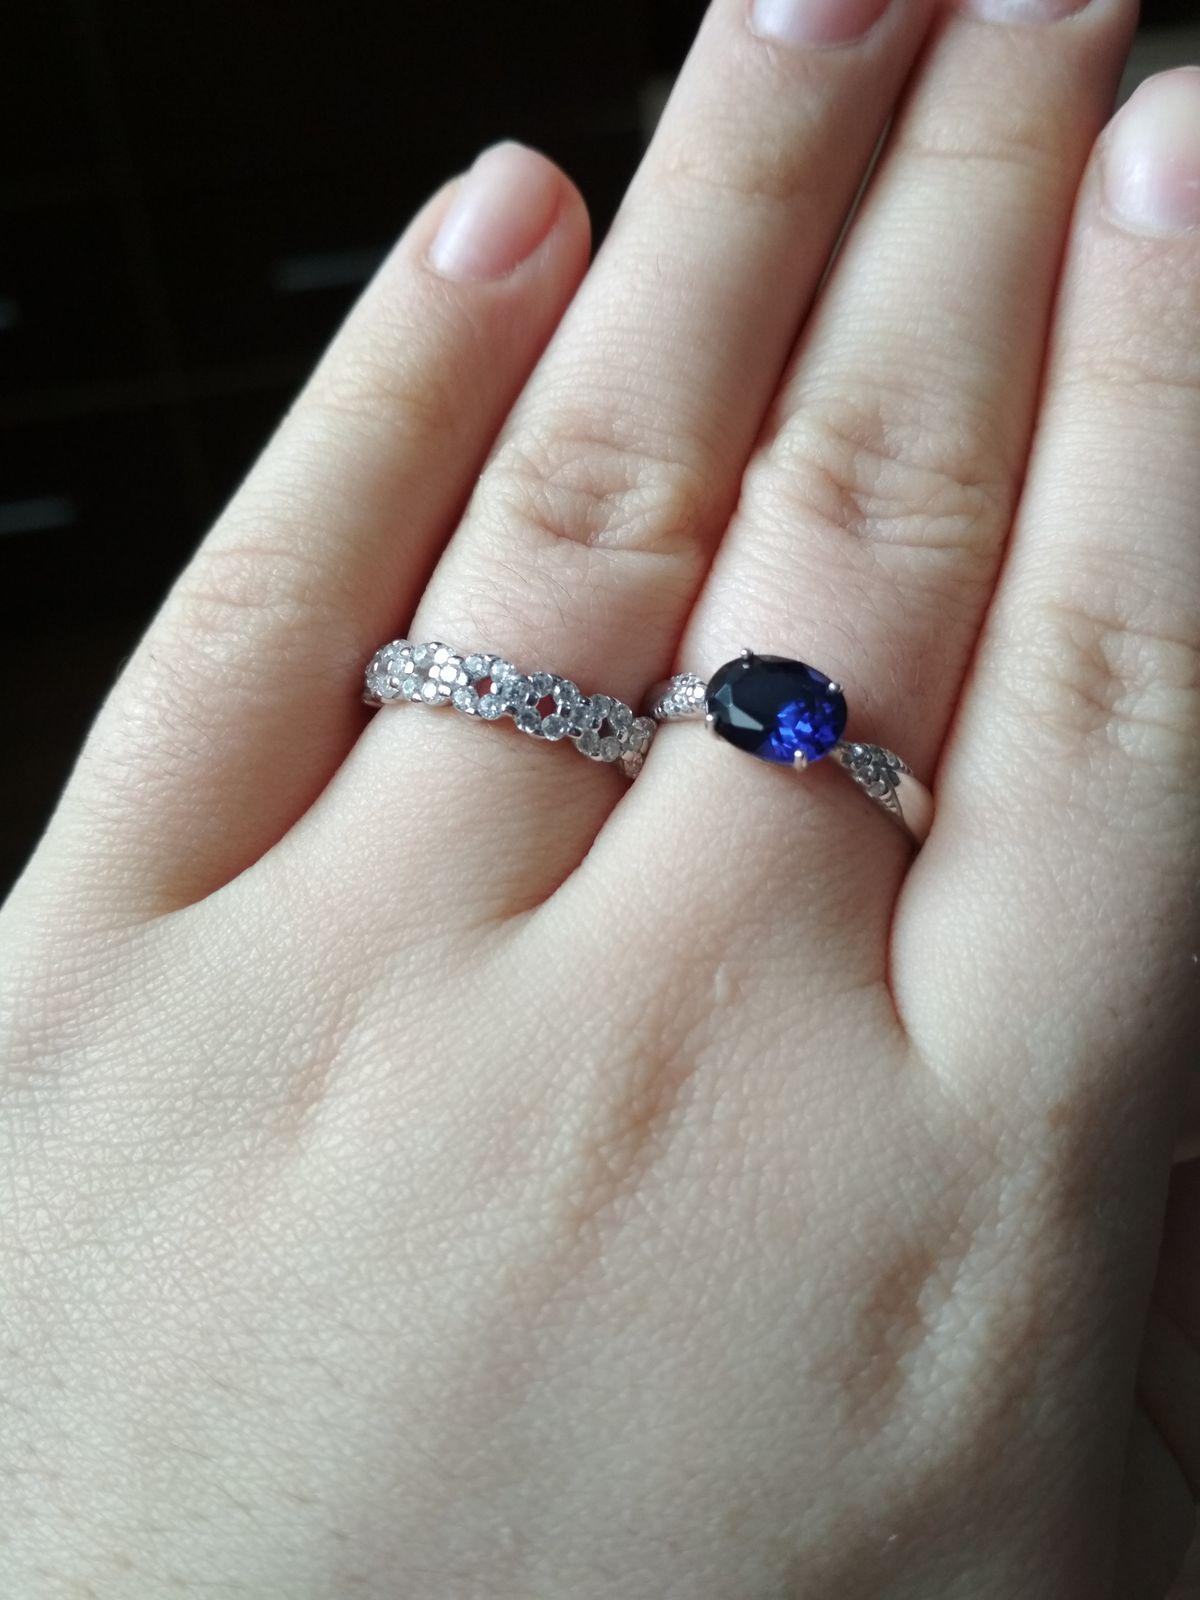 Оооочень красивое кольцо)